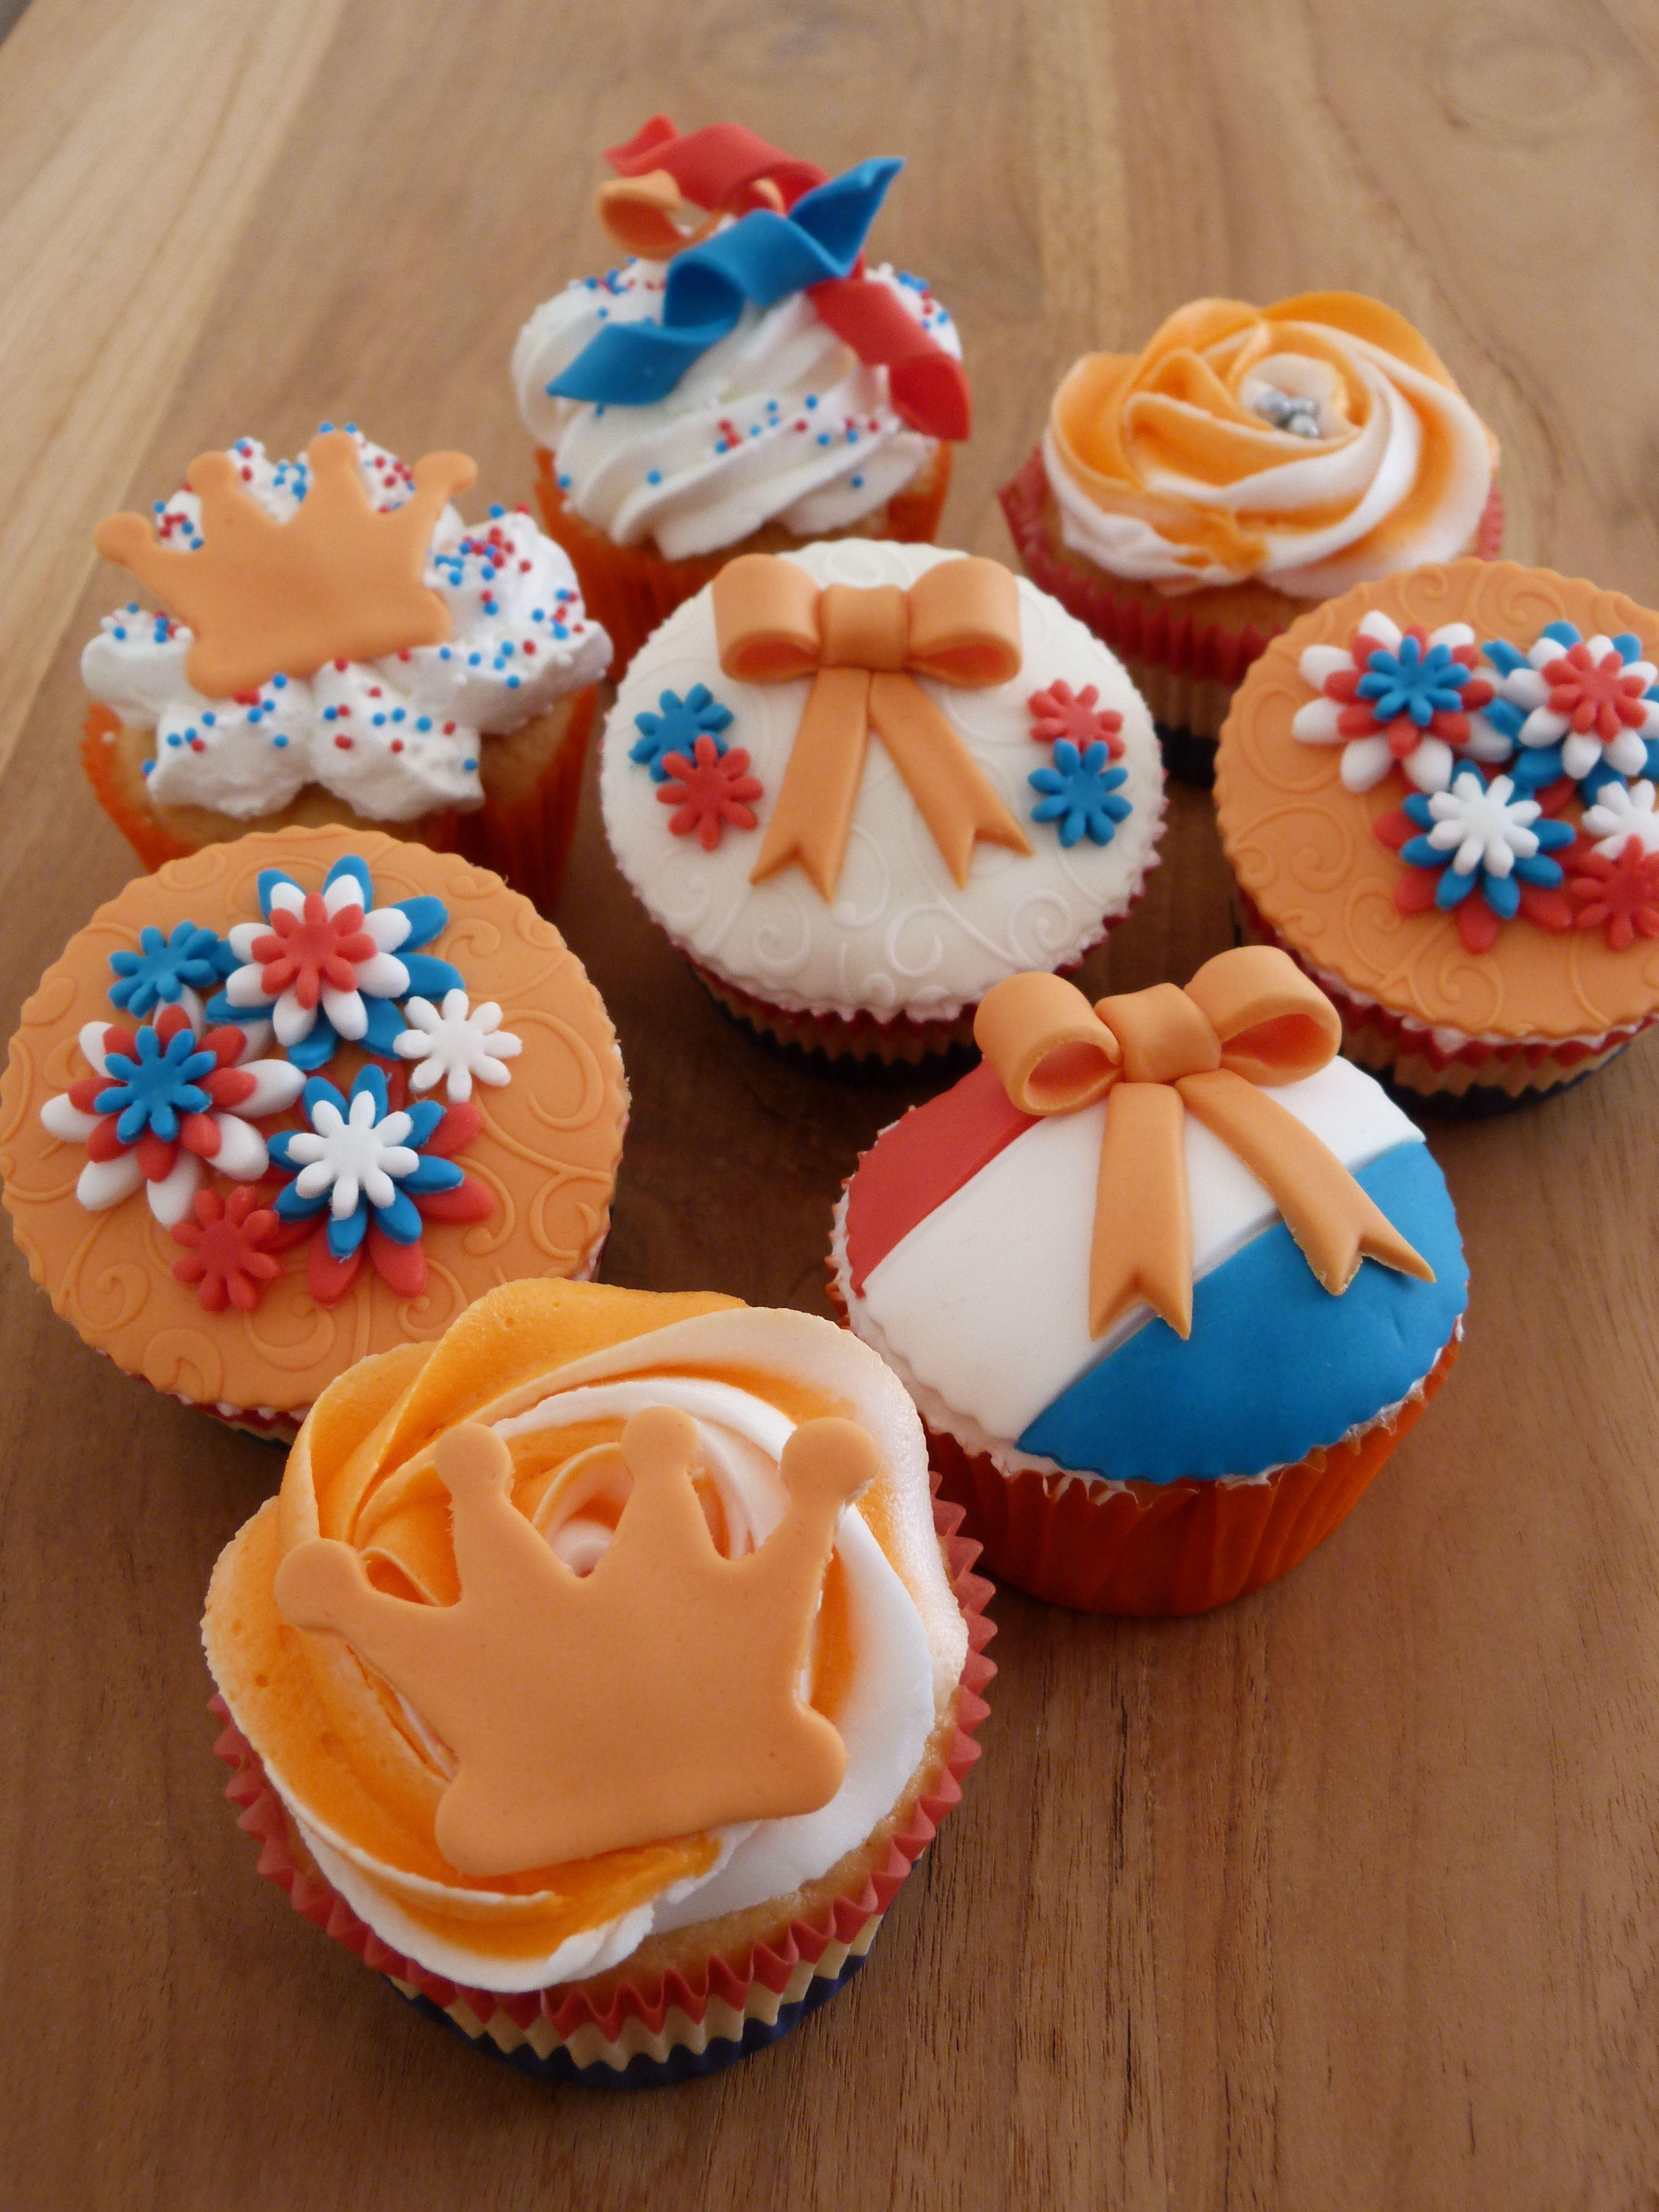 Mijn Zelf Gemaakte Oranje Cupcakes Specialty Cake Inspiration In